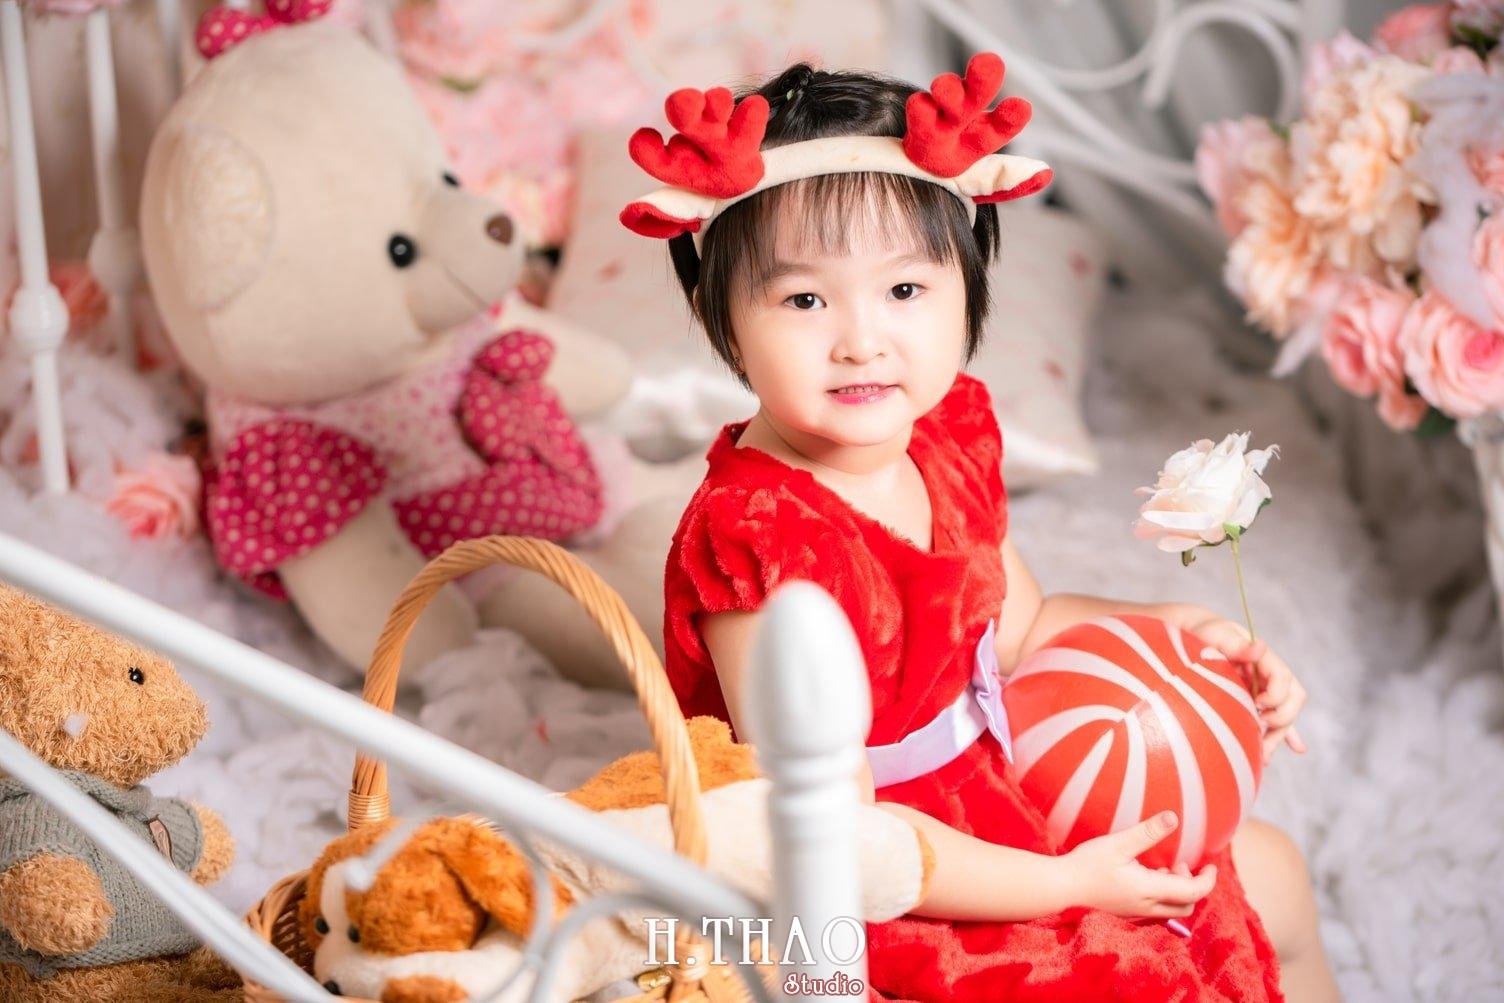 Anh be noel 11 - Album ảnh noel chụp cho con gái cưng chị Linh - HThao Studio